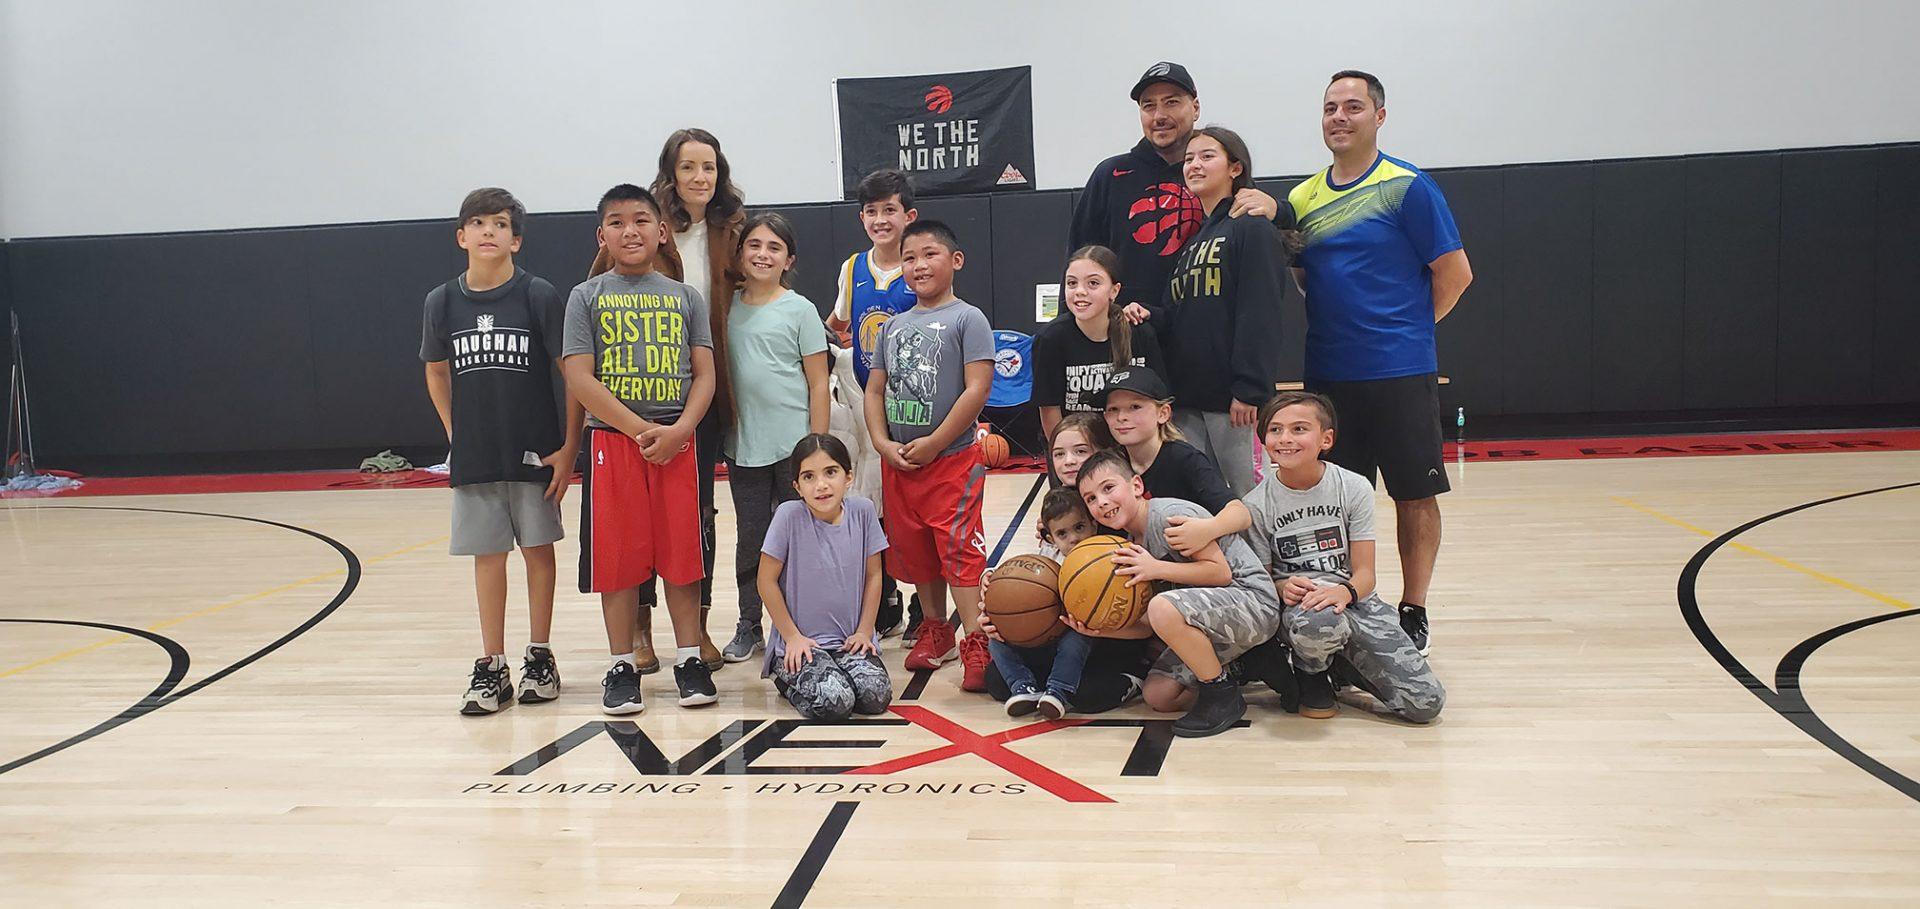 NEXT Hosts 24 hour Basketball Tournament